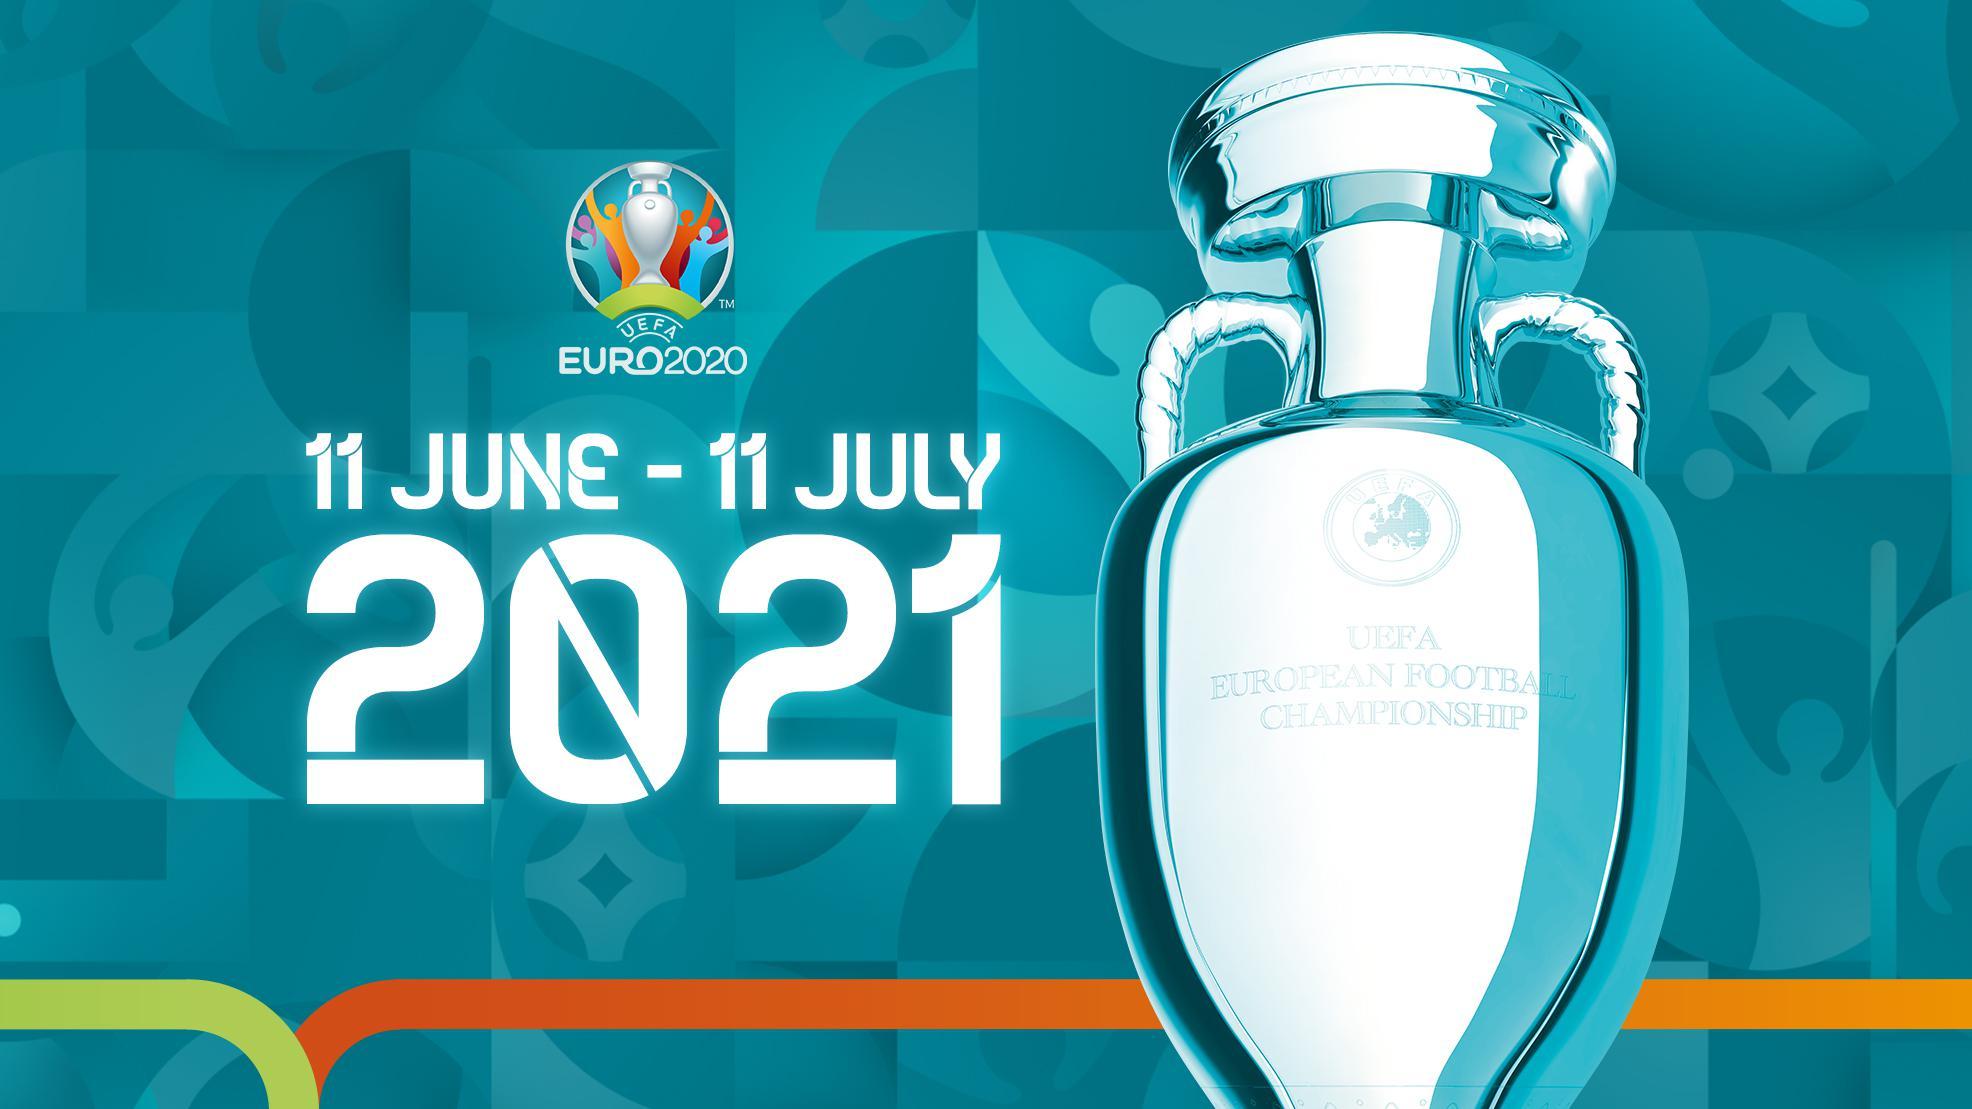 Евро-2020, Сборная Украины по футболу, флэшмобы, Tribuna.com